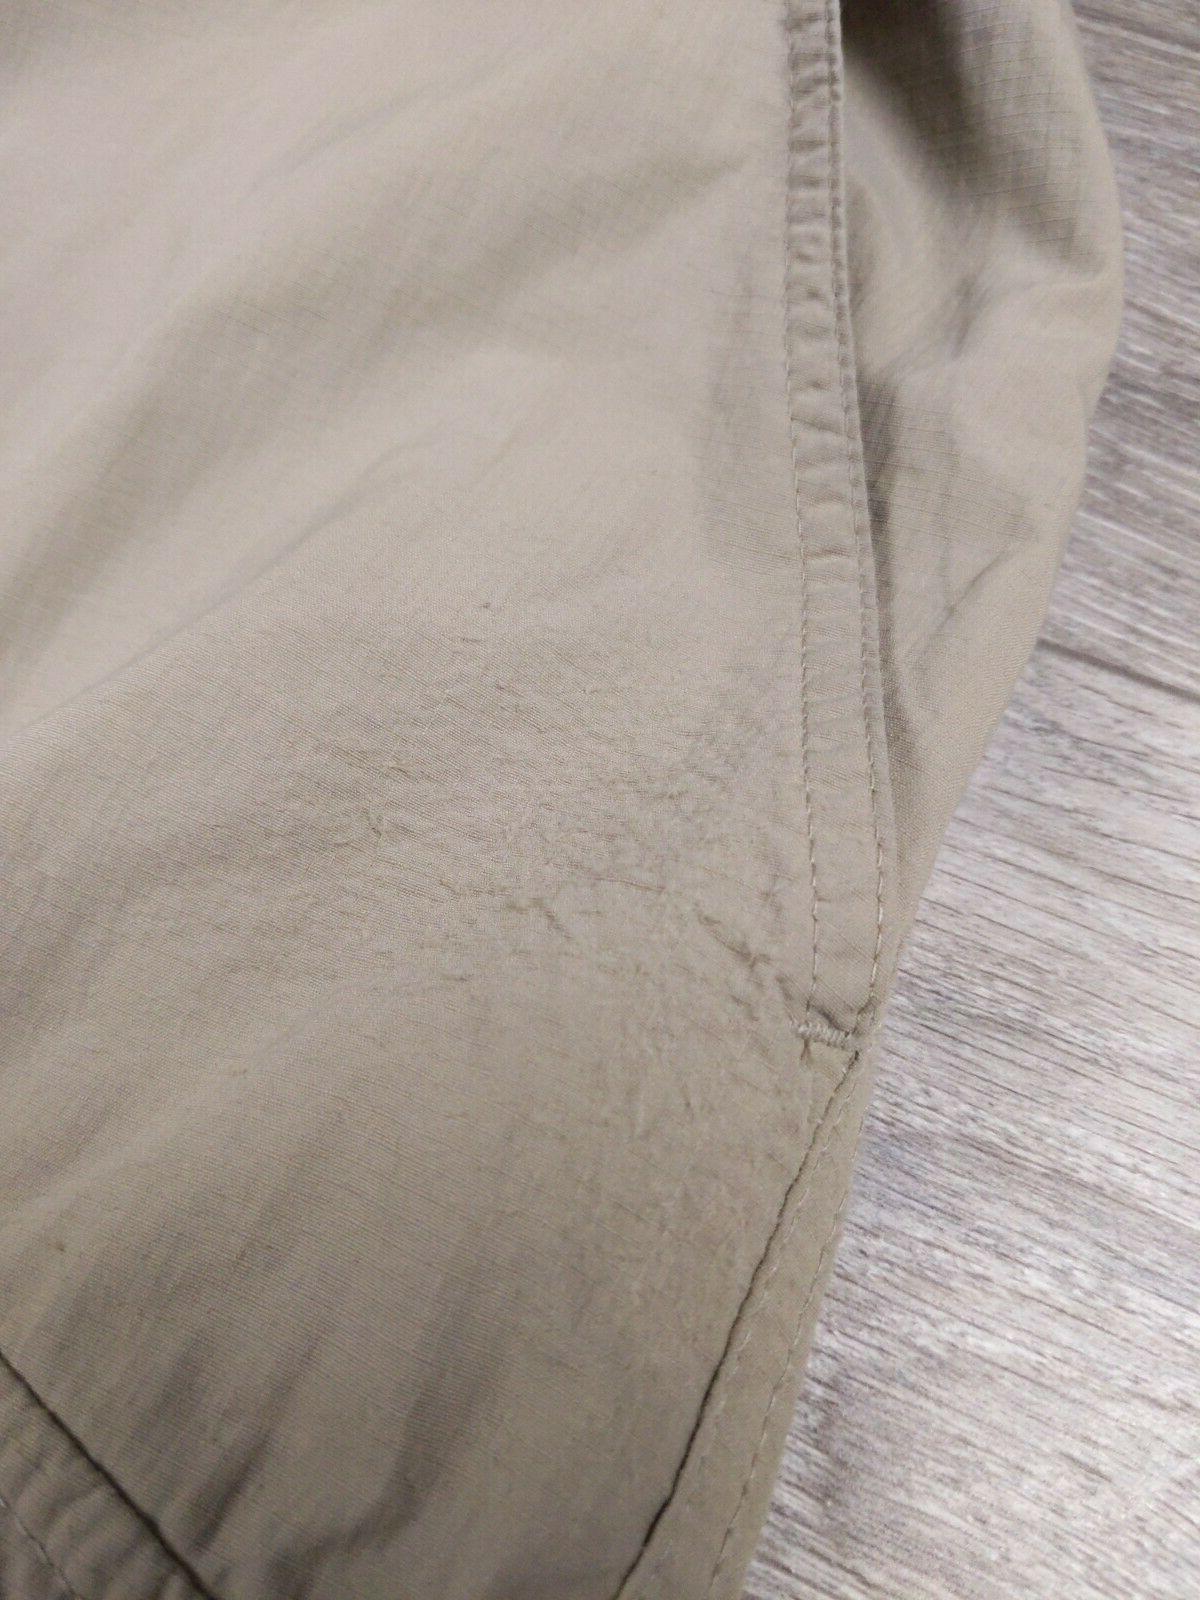 Columbia Cargo Pants 40 x 34 Tan